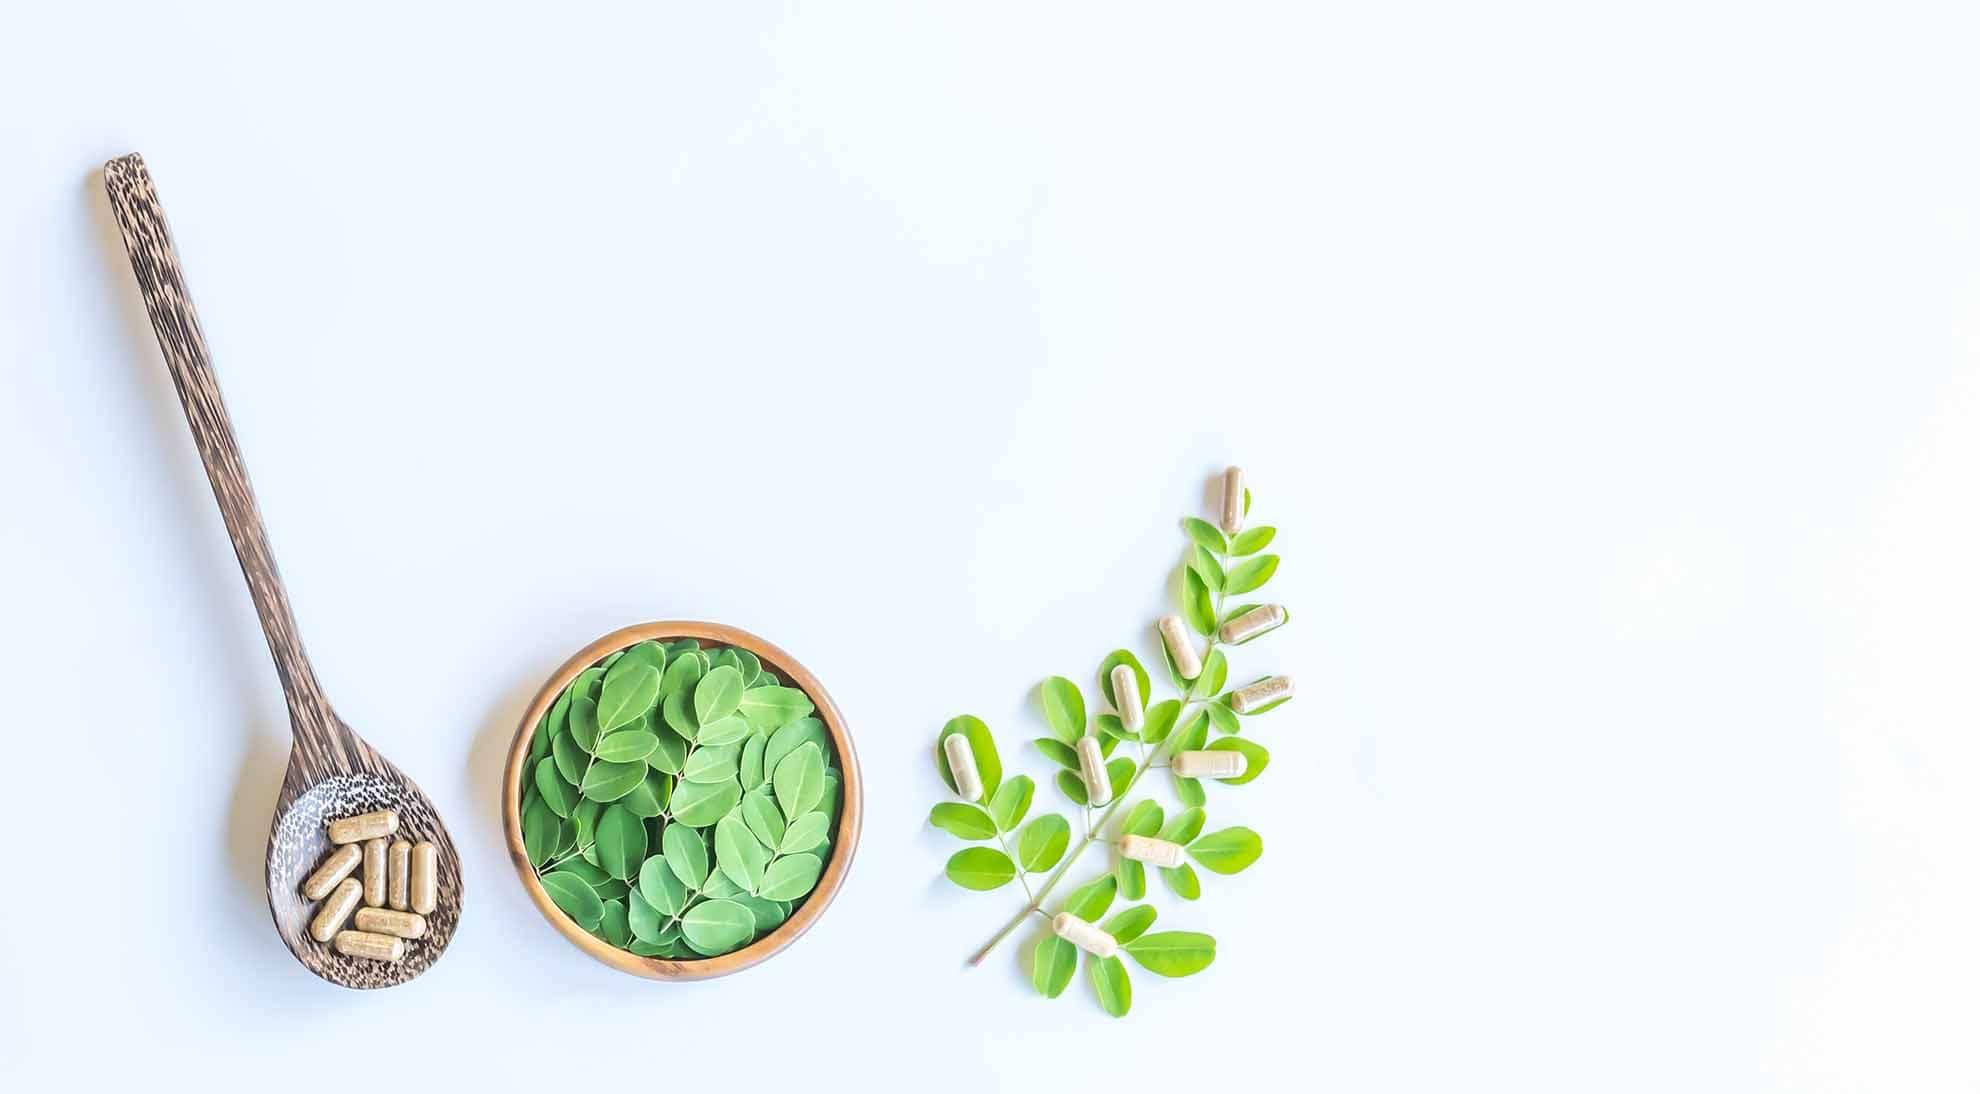 metacare® Hochwertige Nährstoffe für Ihren Darm